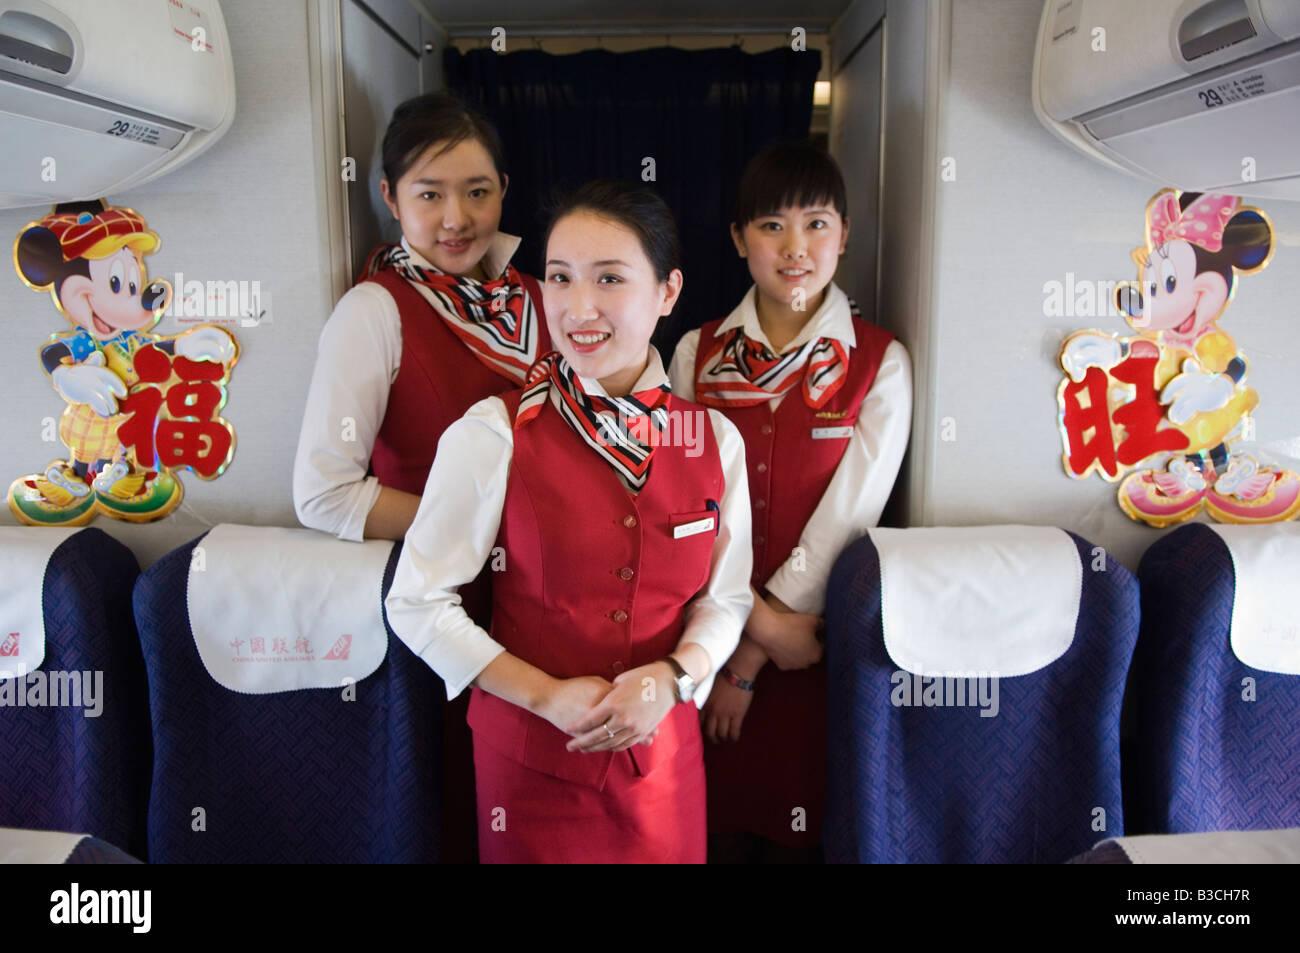 China, Peking. Chinesisches Neujahr - zurück zu ihren Heimatstädten Flugbegleiter auf einem Silvester Stockbild